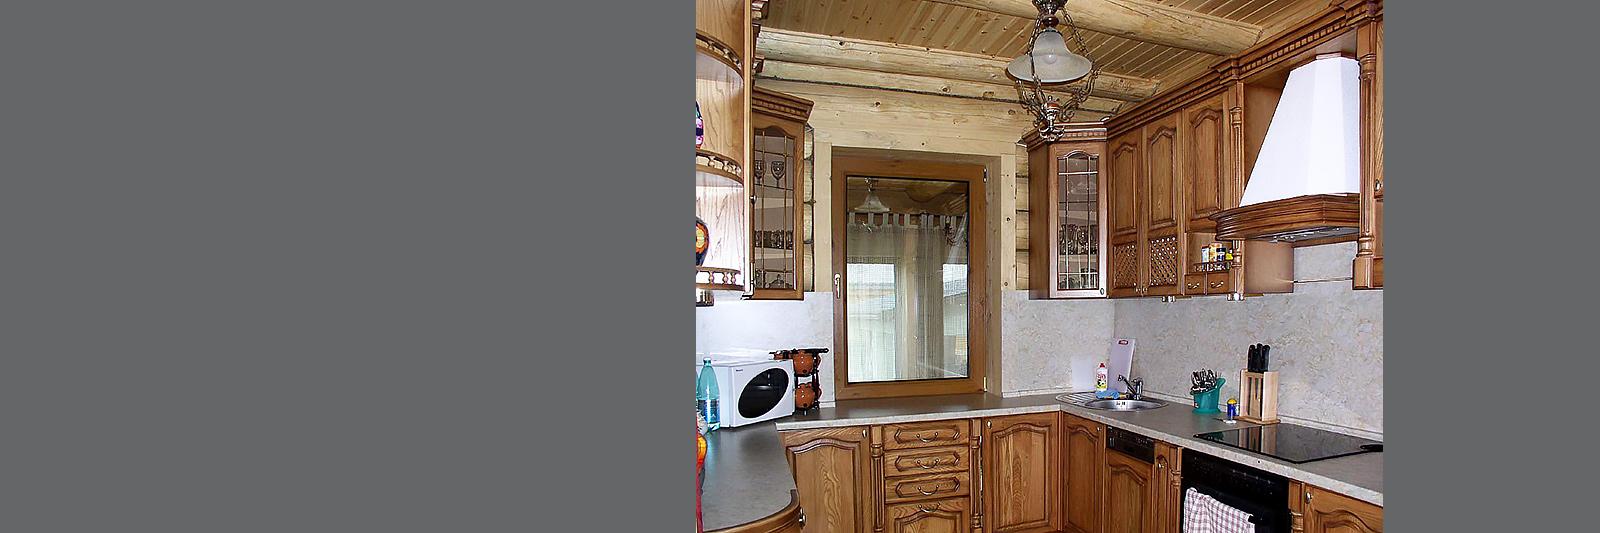 П-образная кухня для загородного дома